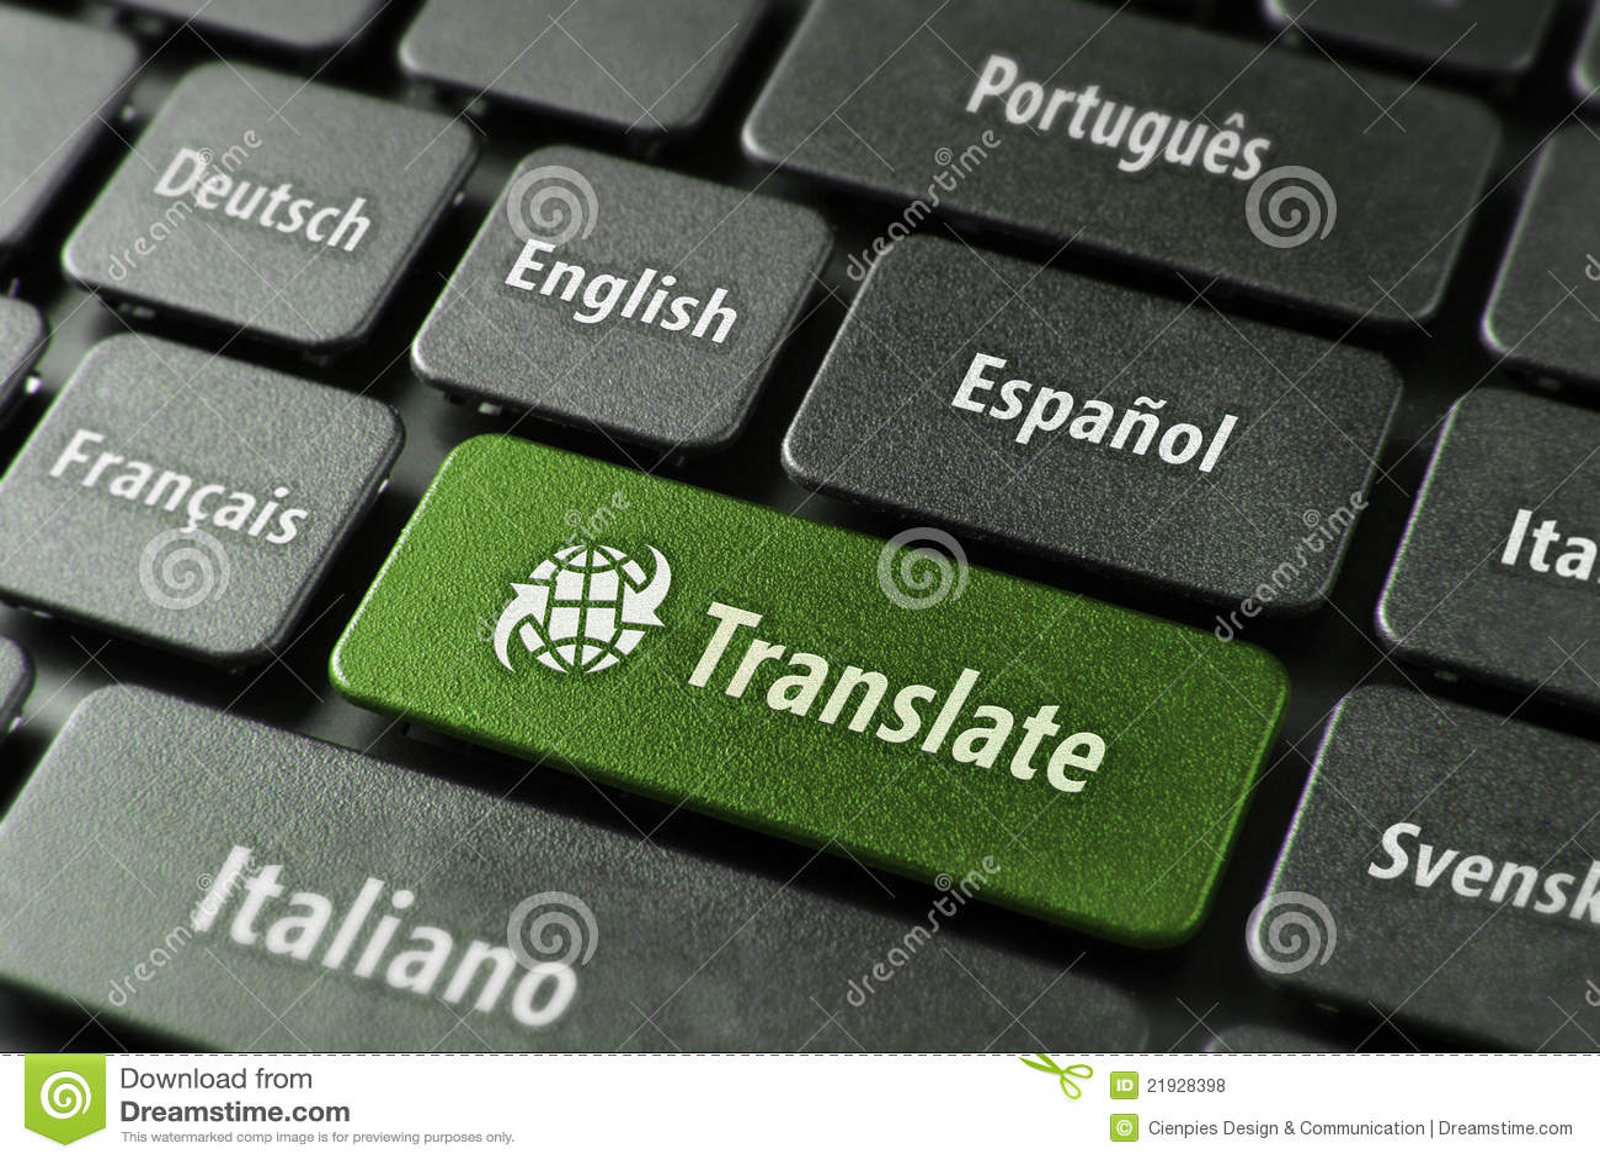 μετάφραση υπηρεσία online έννοι&a